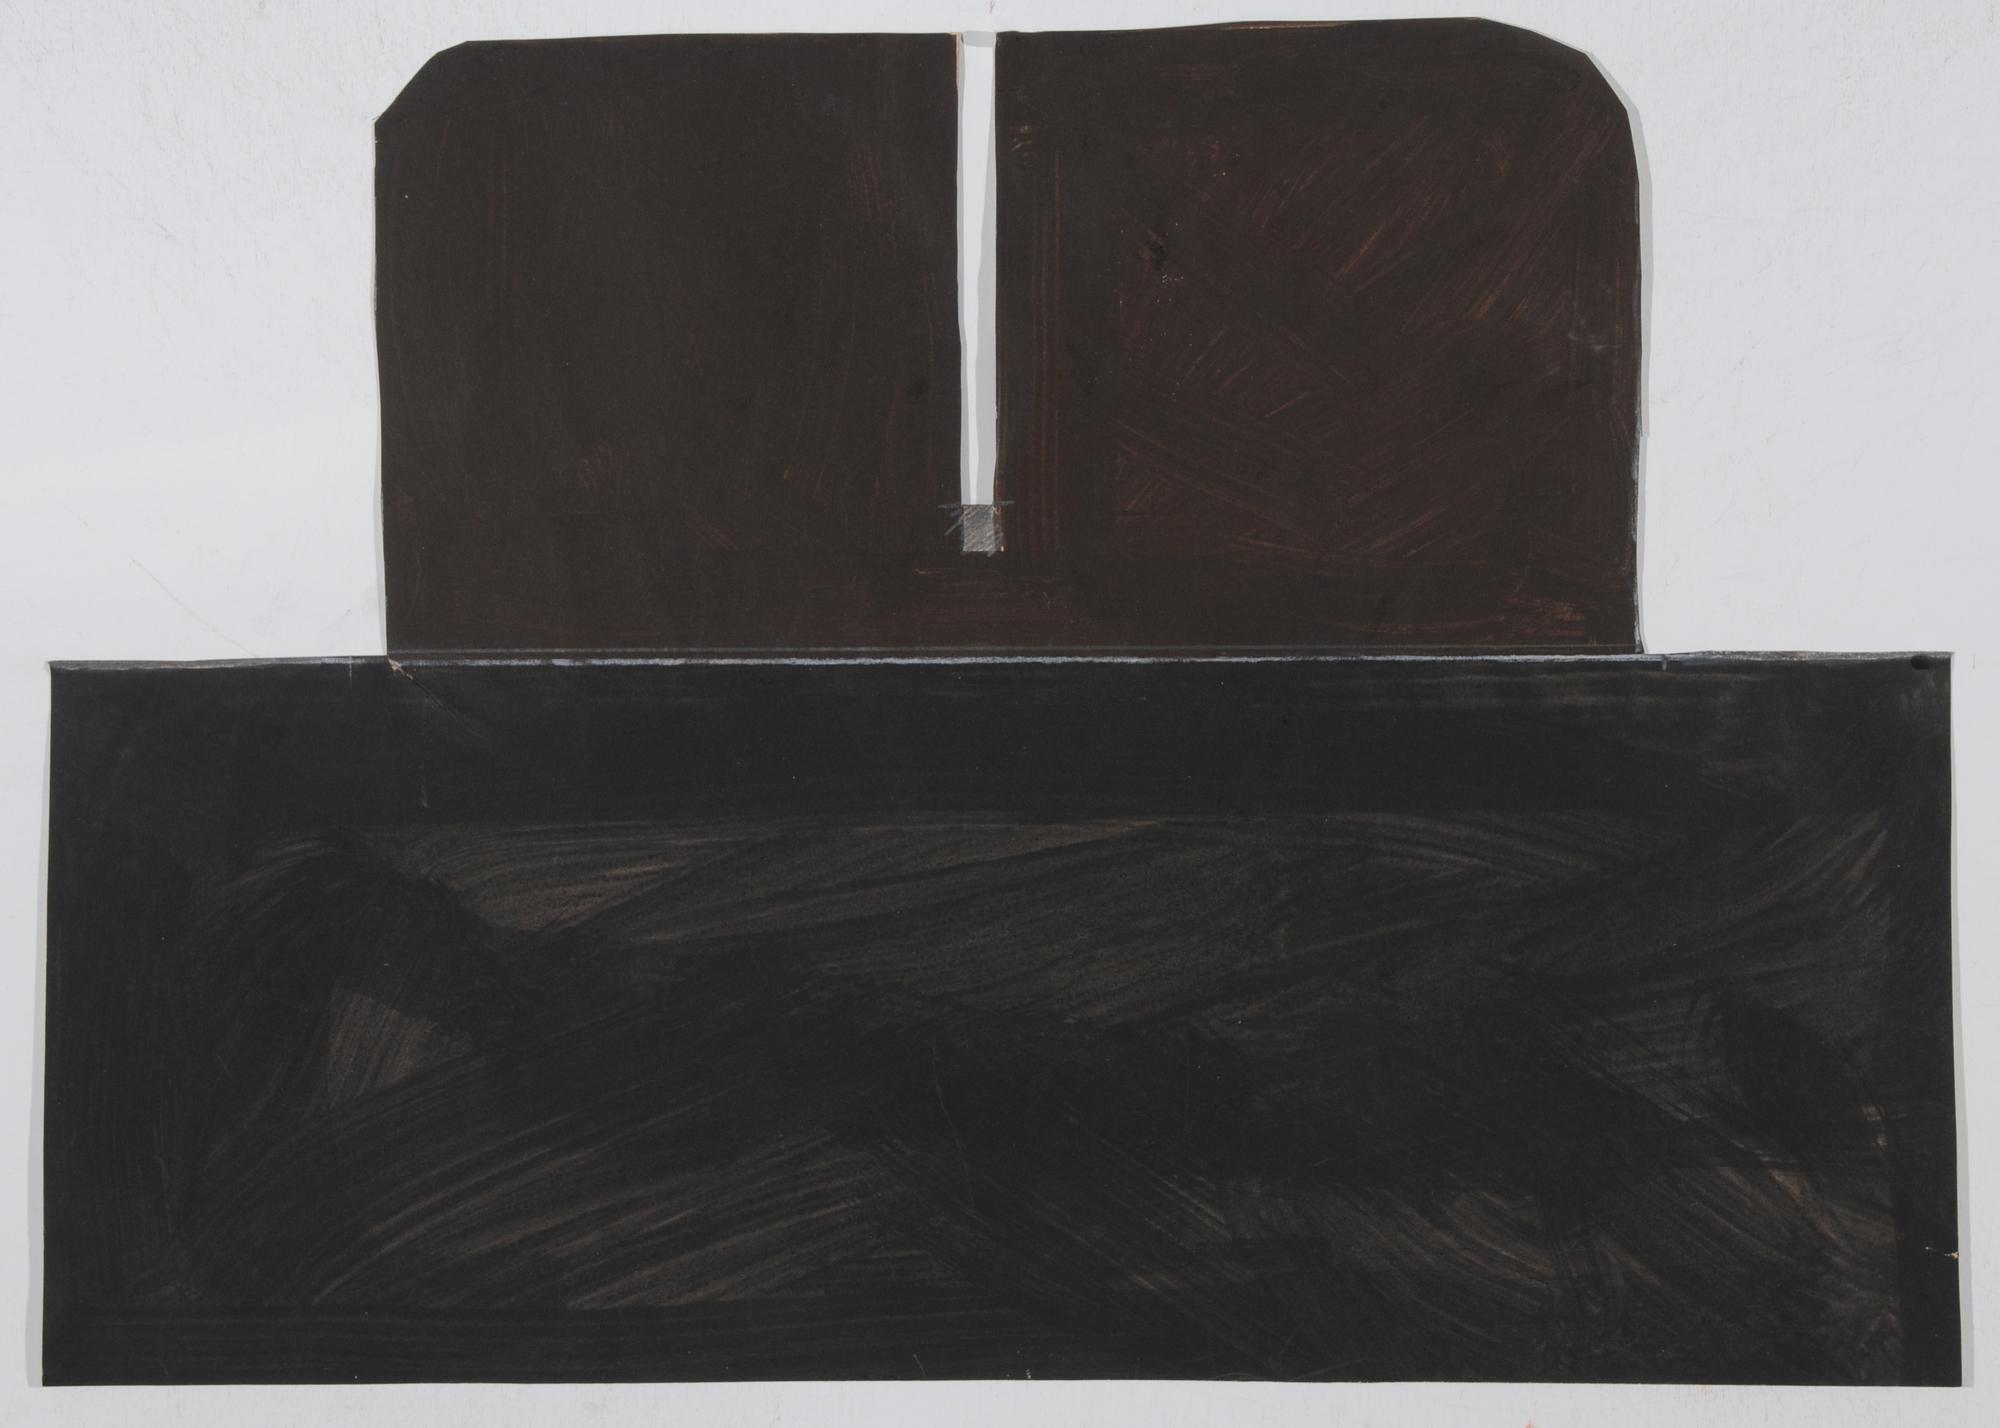 Spescha Matias, Entwurf für Lithografie (Study for Lithograph)